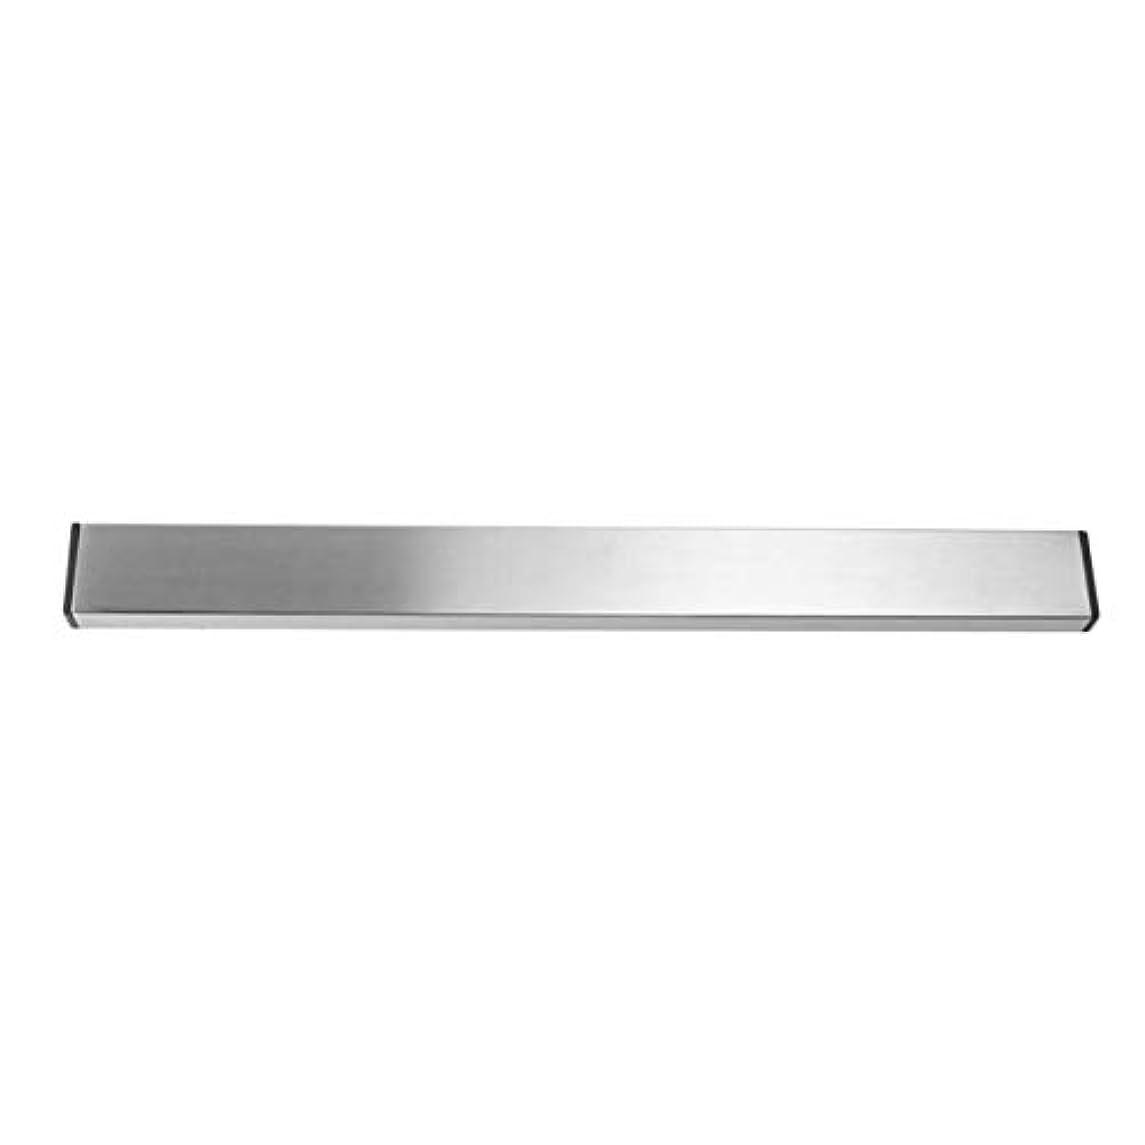 人物猫背ハンマーSaikogoods 実用的なホーム台所の壁マウントされた磁気ナイフホルダー耐久性のあるステンレススチール簡単に保存ナイフは台所用具ラック 銀 M